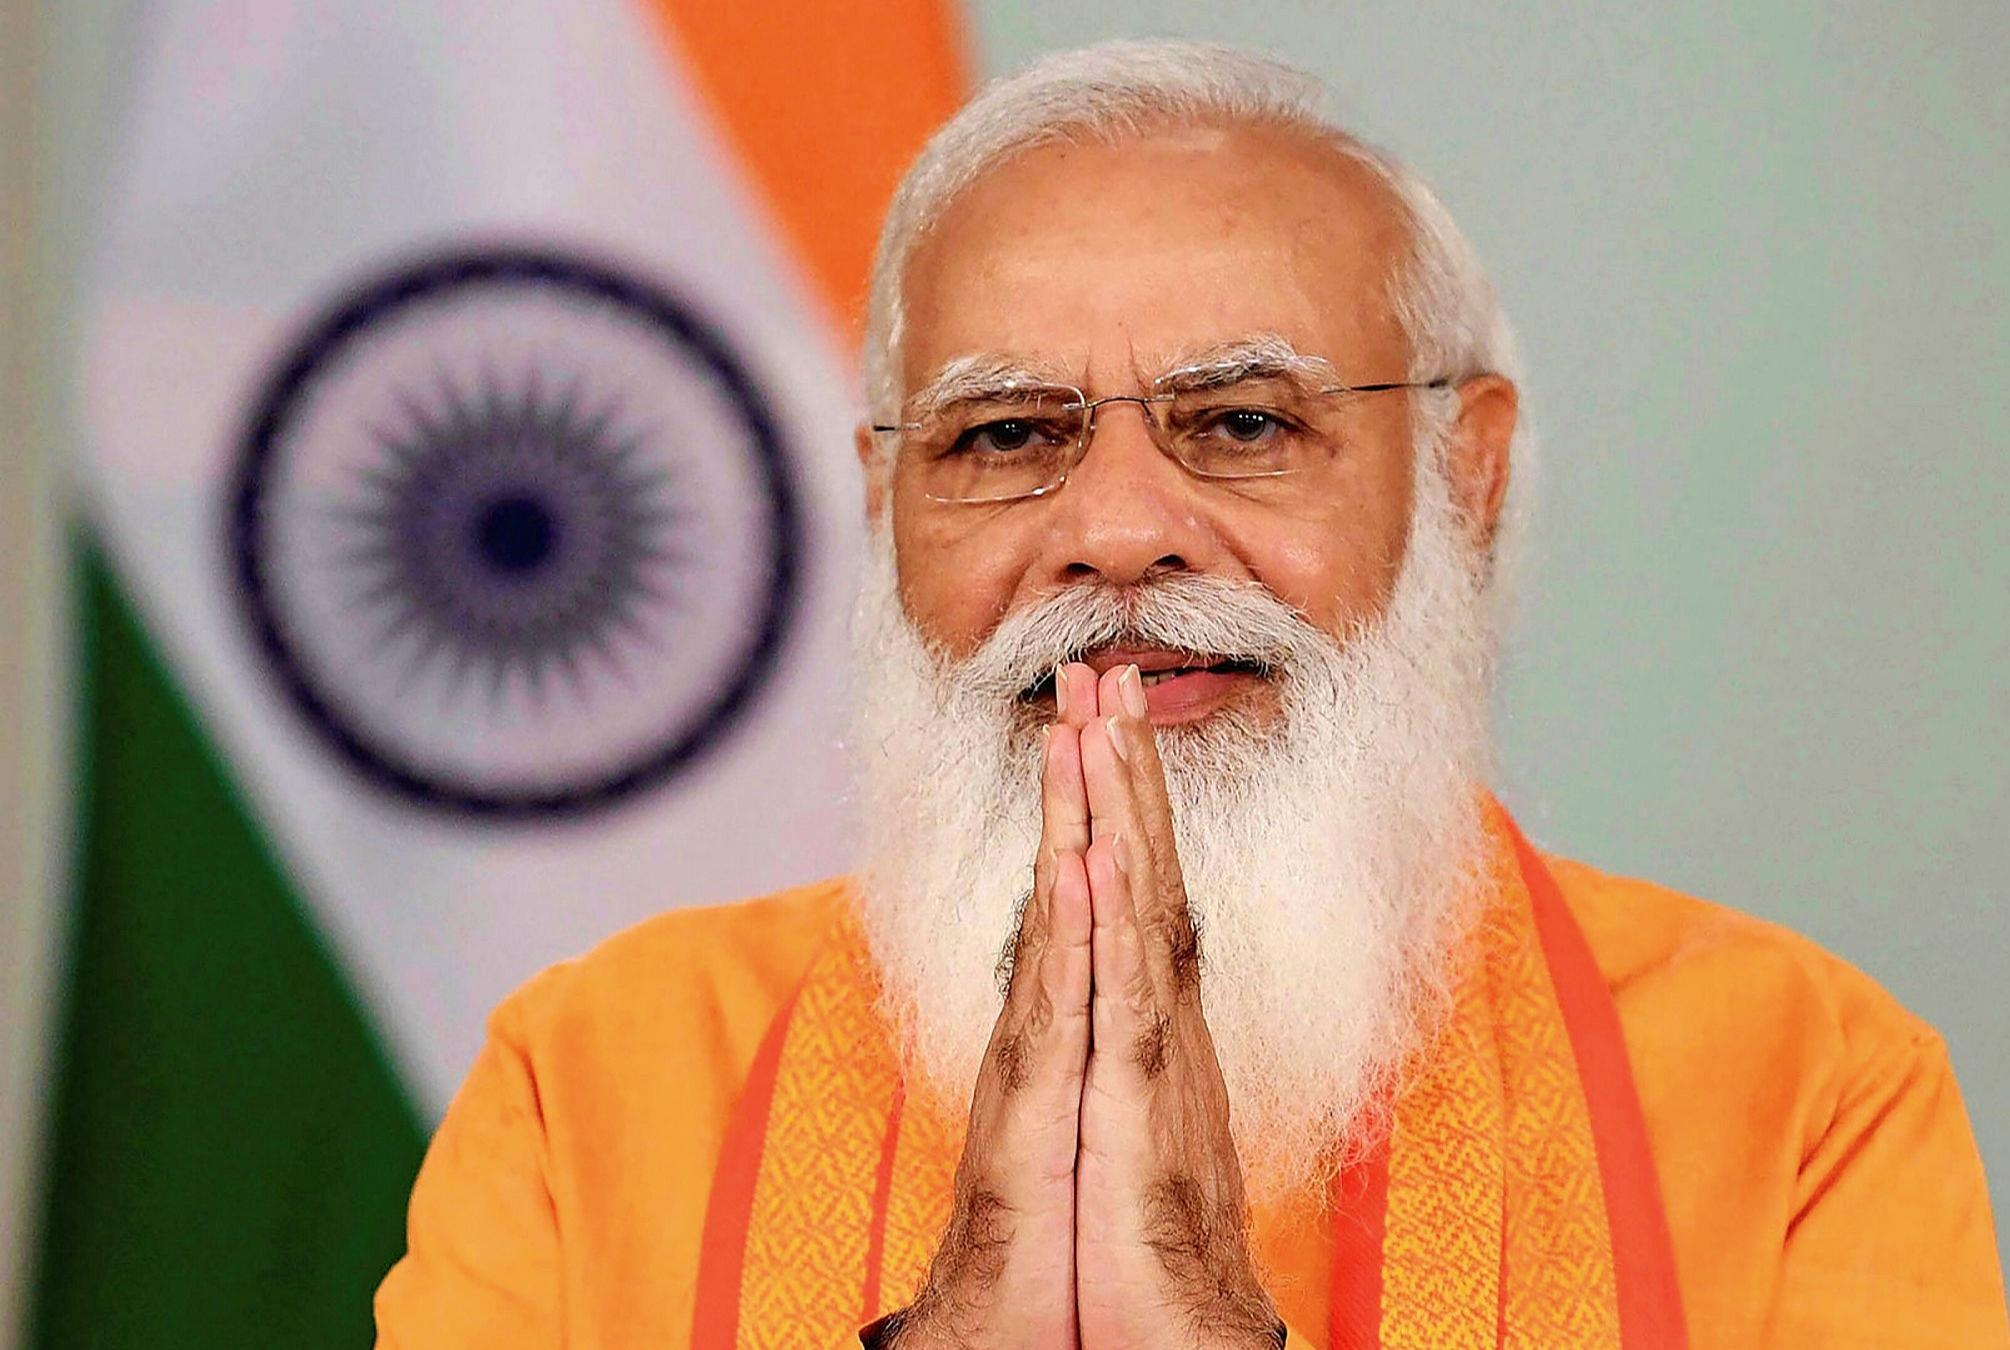 વડાપ્રધાન નરેન્દ્ર મોદીના જન્મદિને કચ્છમાં વિવિધ યોજના હેઠળ લાભાર્થીઓને લાભ અપાશે|ભુજ (કચ્છ),Bhuj (Kutch) - Divya Bhaskar